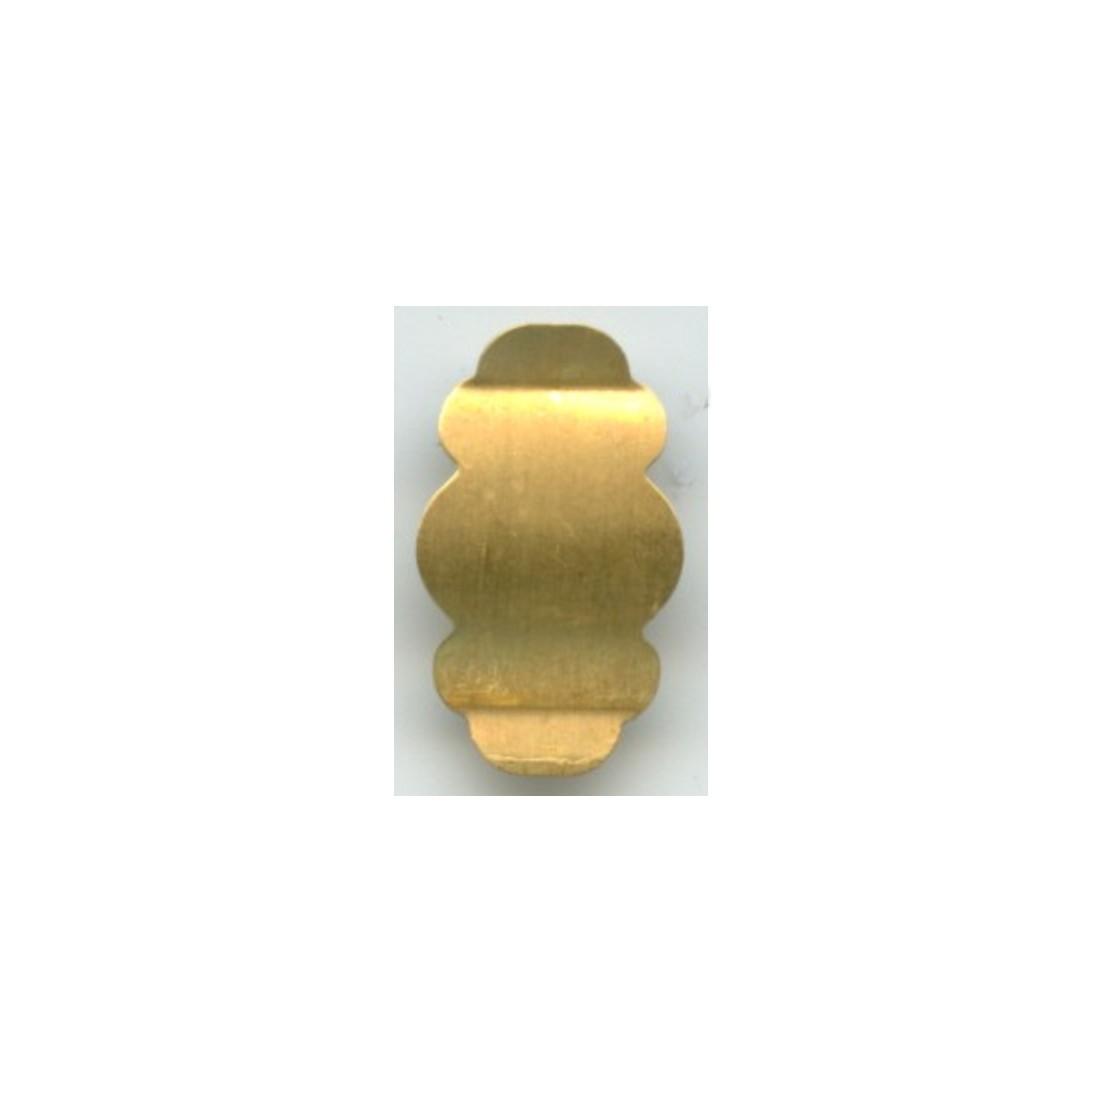 estampaciones para fornituras joyeria fabricante oro mayorista cordoba ref. 480024